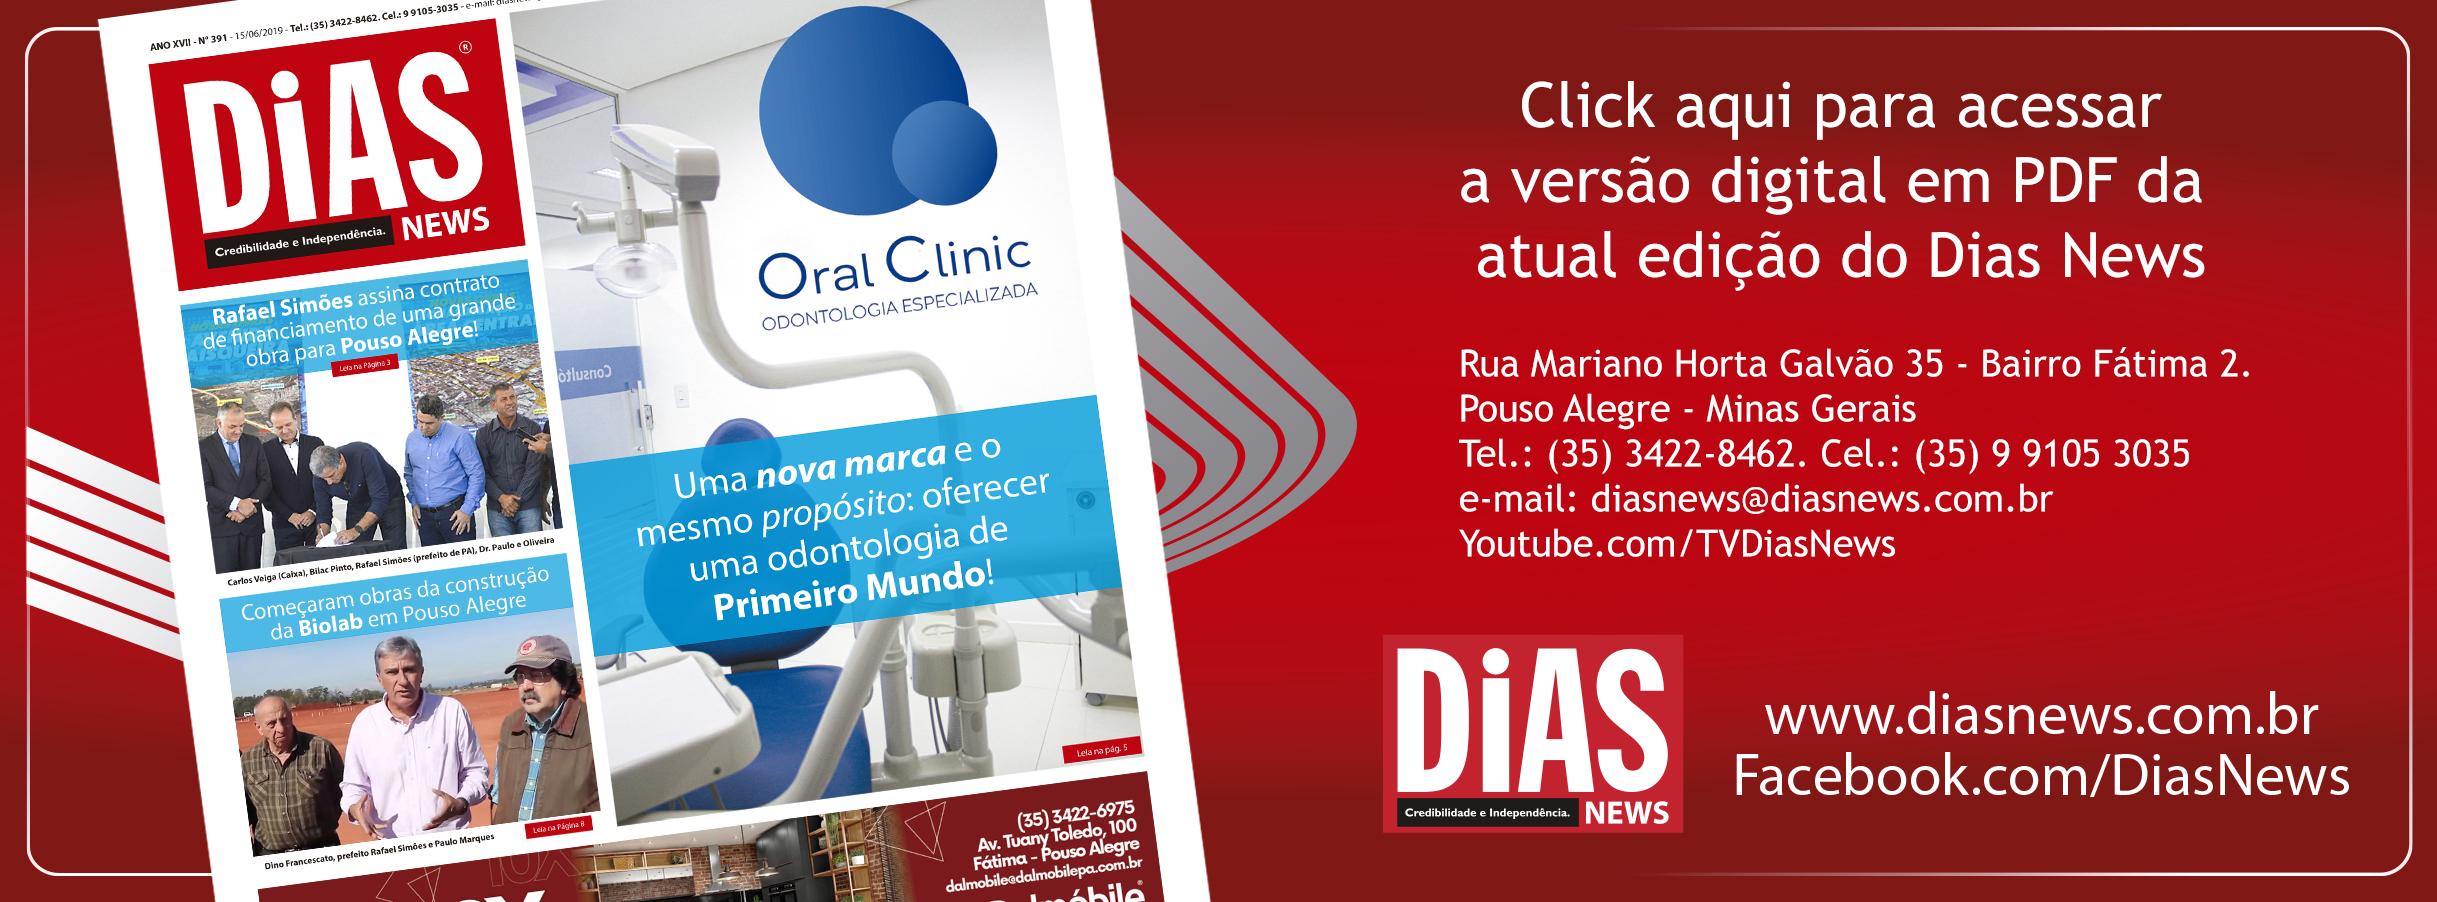 CLICK AQUI e acesse a edição 391 do Dias News